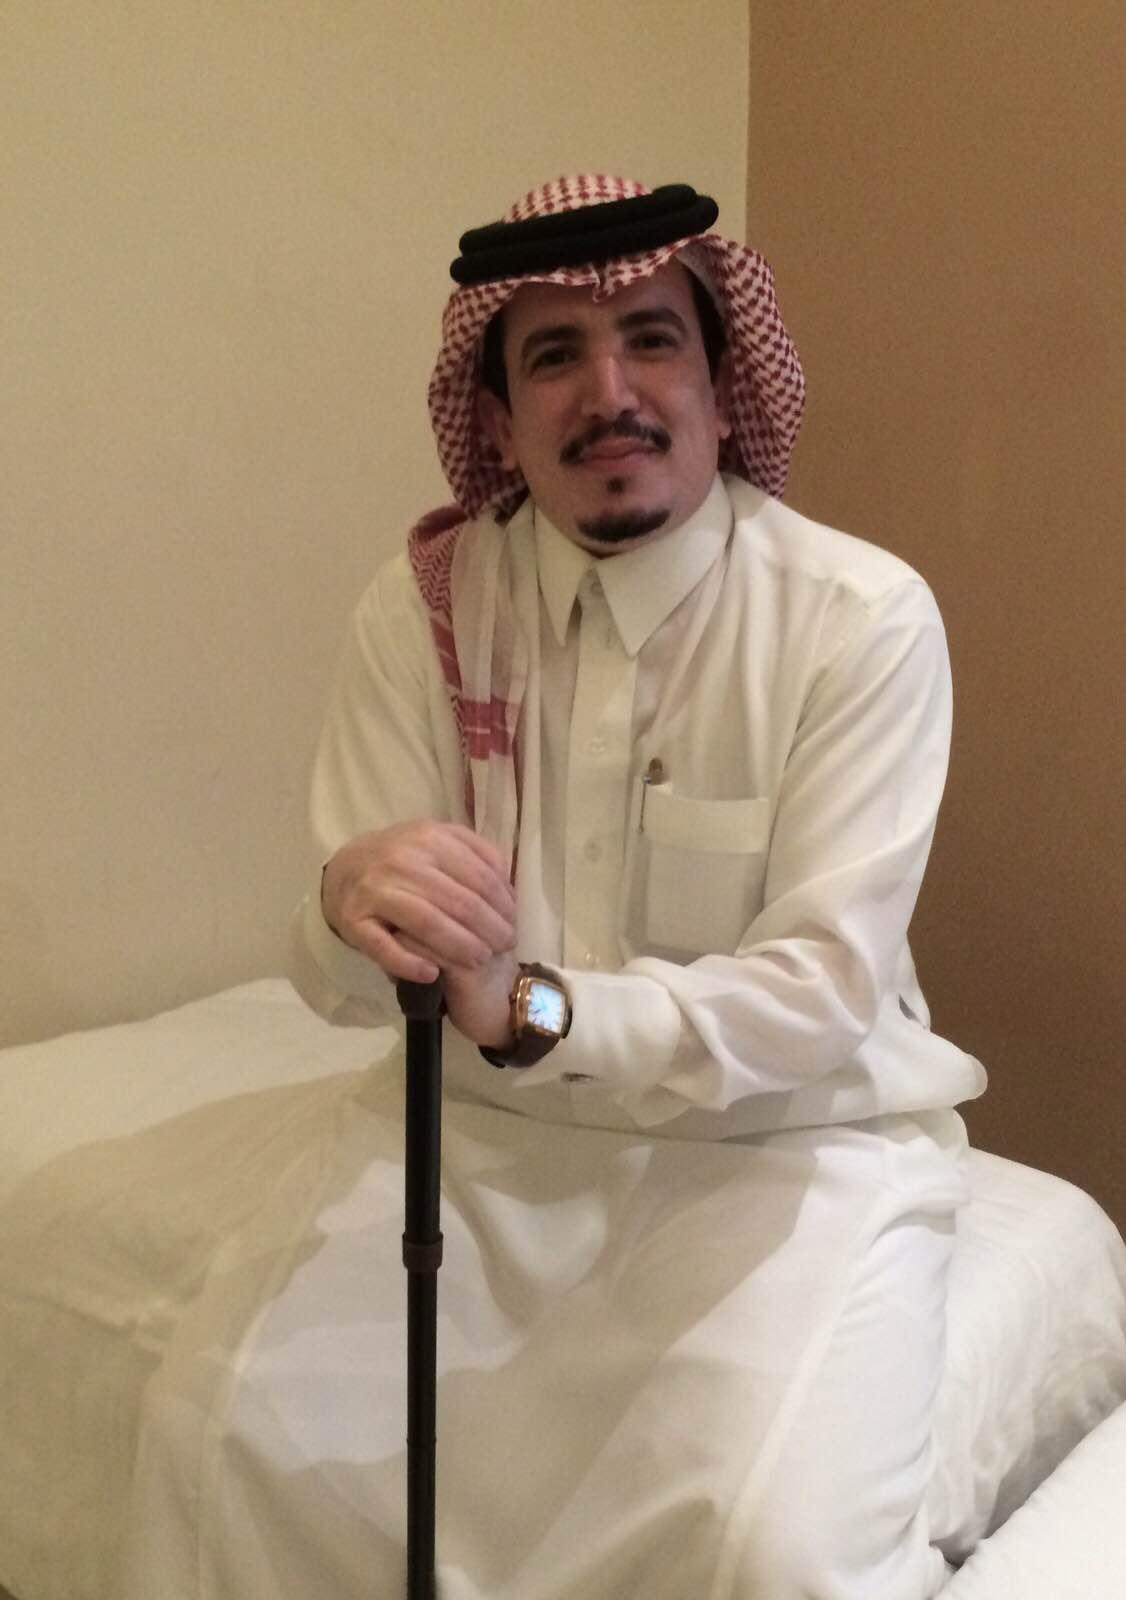 الأحمري بعد تبرّعه لشقيقته بكليته: سعادتي بتقدم وطني لا توصف - المواطن